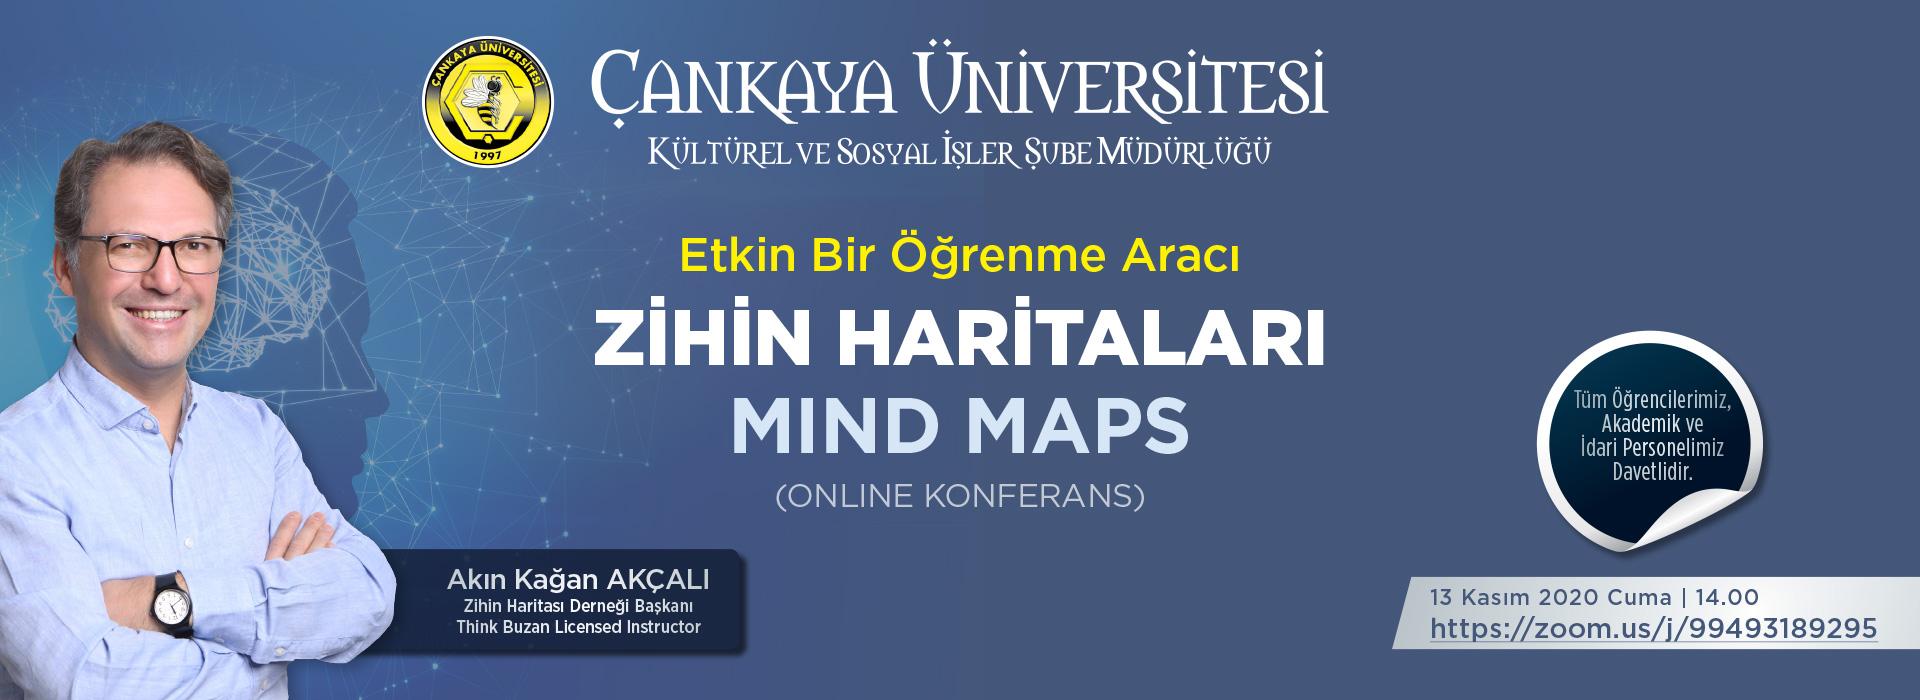 Etkin Bir Öğrenme Aracı: Zihin Haritaları (Mind Maps)